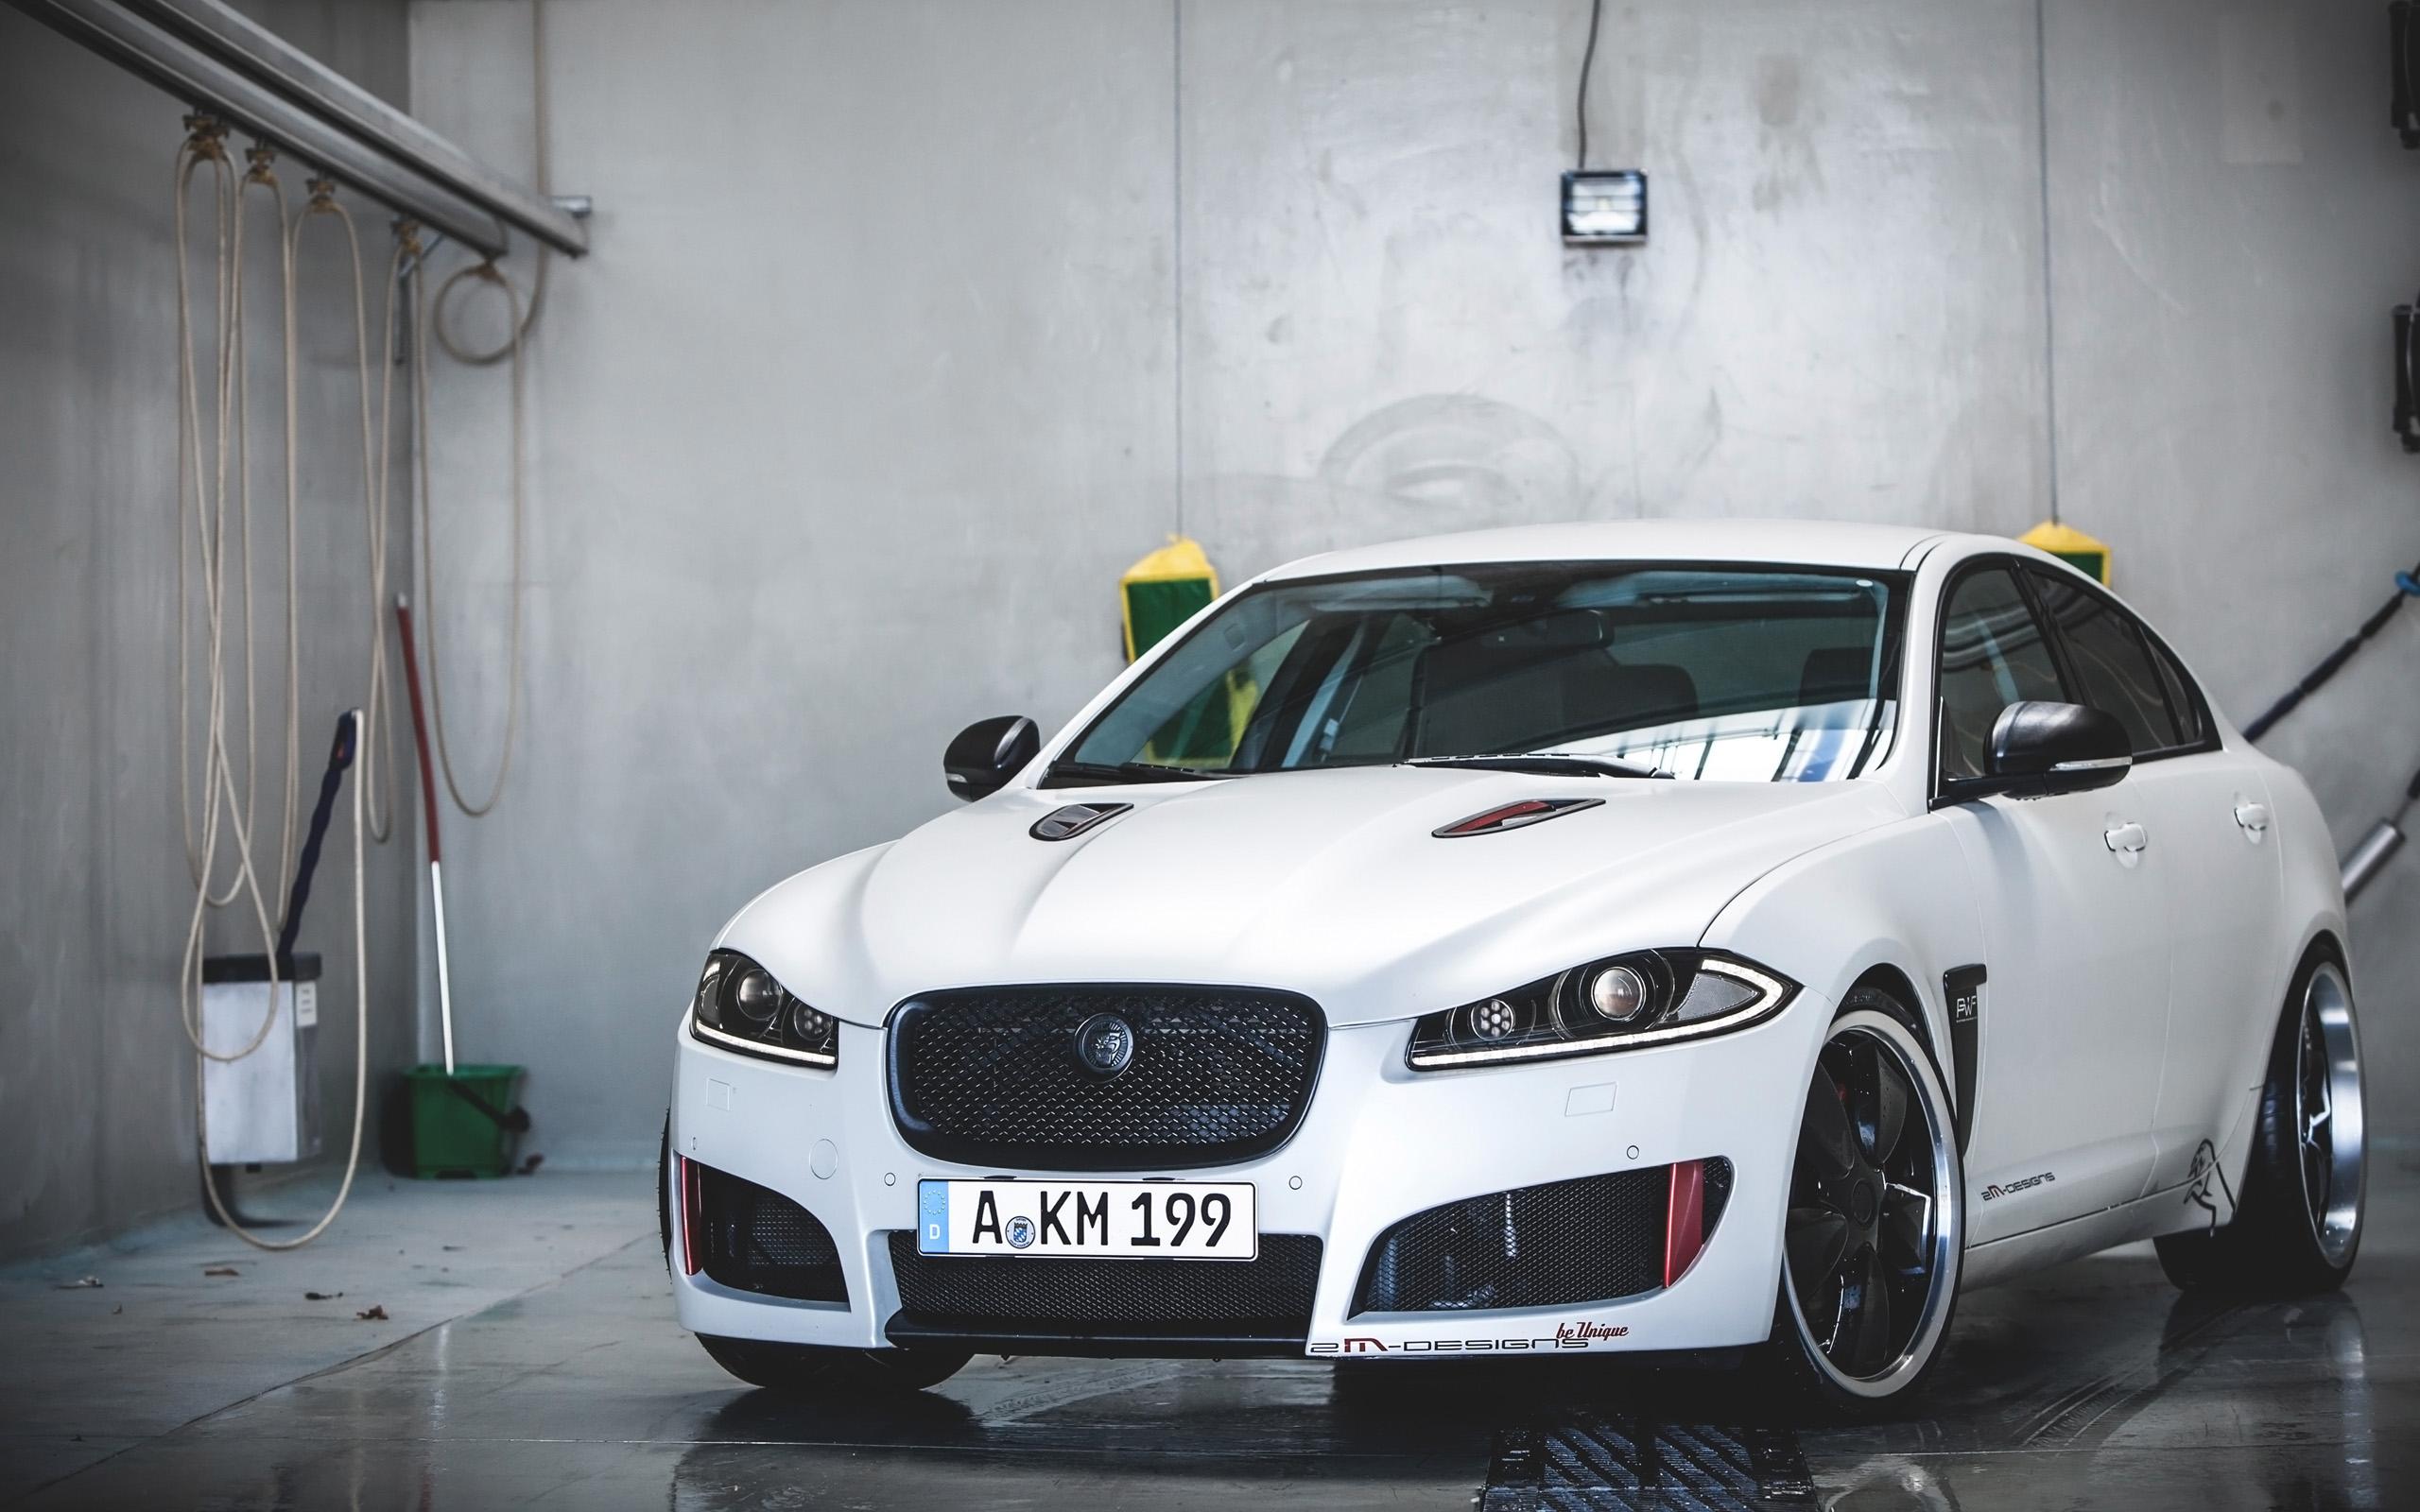 view ca wheels reviews xjl exterior xj jaguar rear review car